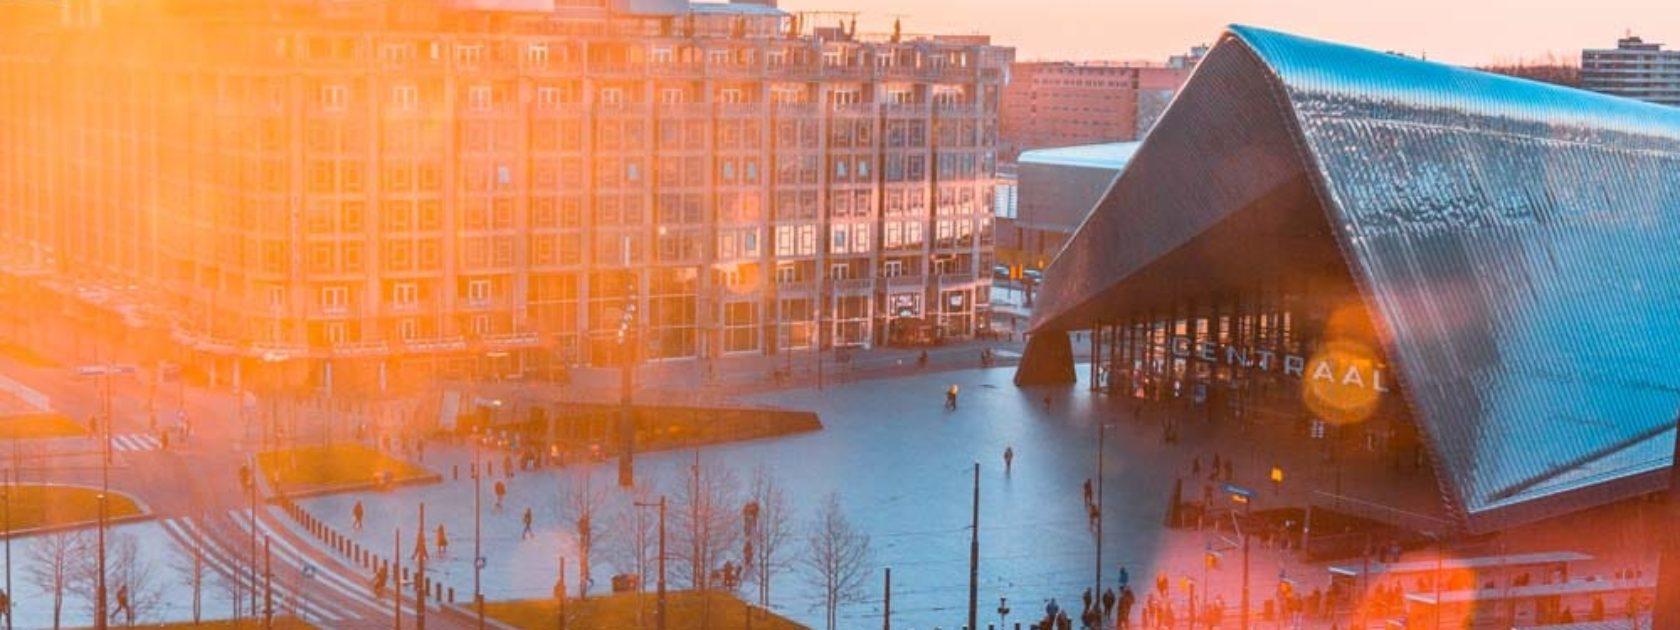 Ben je op zoek naar een plek om de zonsondergang in Rotterdam te bekijken? Station Rotterdam Centraal is niet de eerste plek waar je aan denkt bij een zonsondergang, maar het is zeker niet de minste plek! Rennende mensen, rijdende trams en drukke wegen. Je staat middenin de stad waar het puntige Centraal Station (a.k.a kapsalon) en moderne wolkenkrabbers uittorenen. Wanneer het gouden licht breekt door de wolken, maken de lichtstralen een prachtig licht- en schaduwspel dankzij de gebouwen.